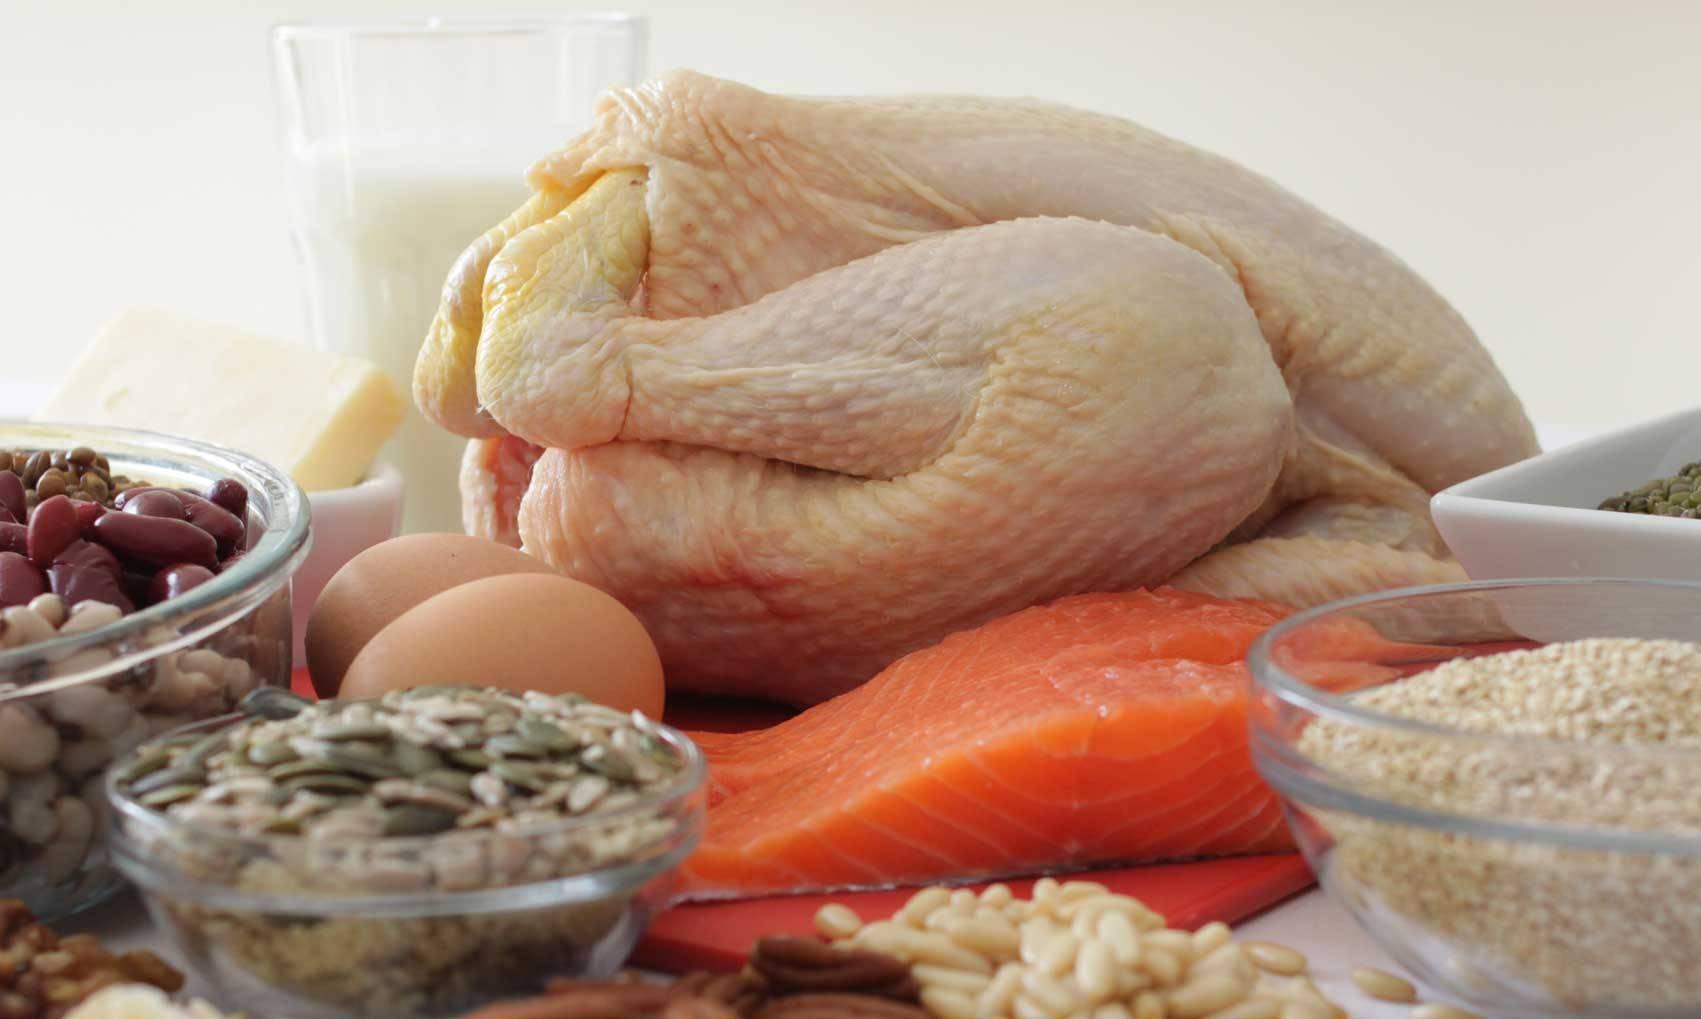 cibi proteici: la lista dei 15 alimenti più ricchi di proteine